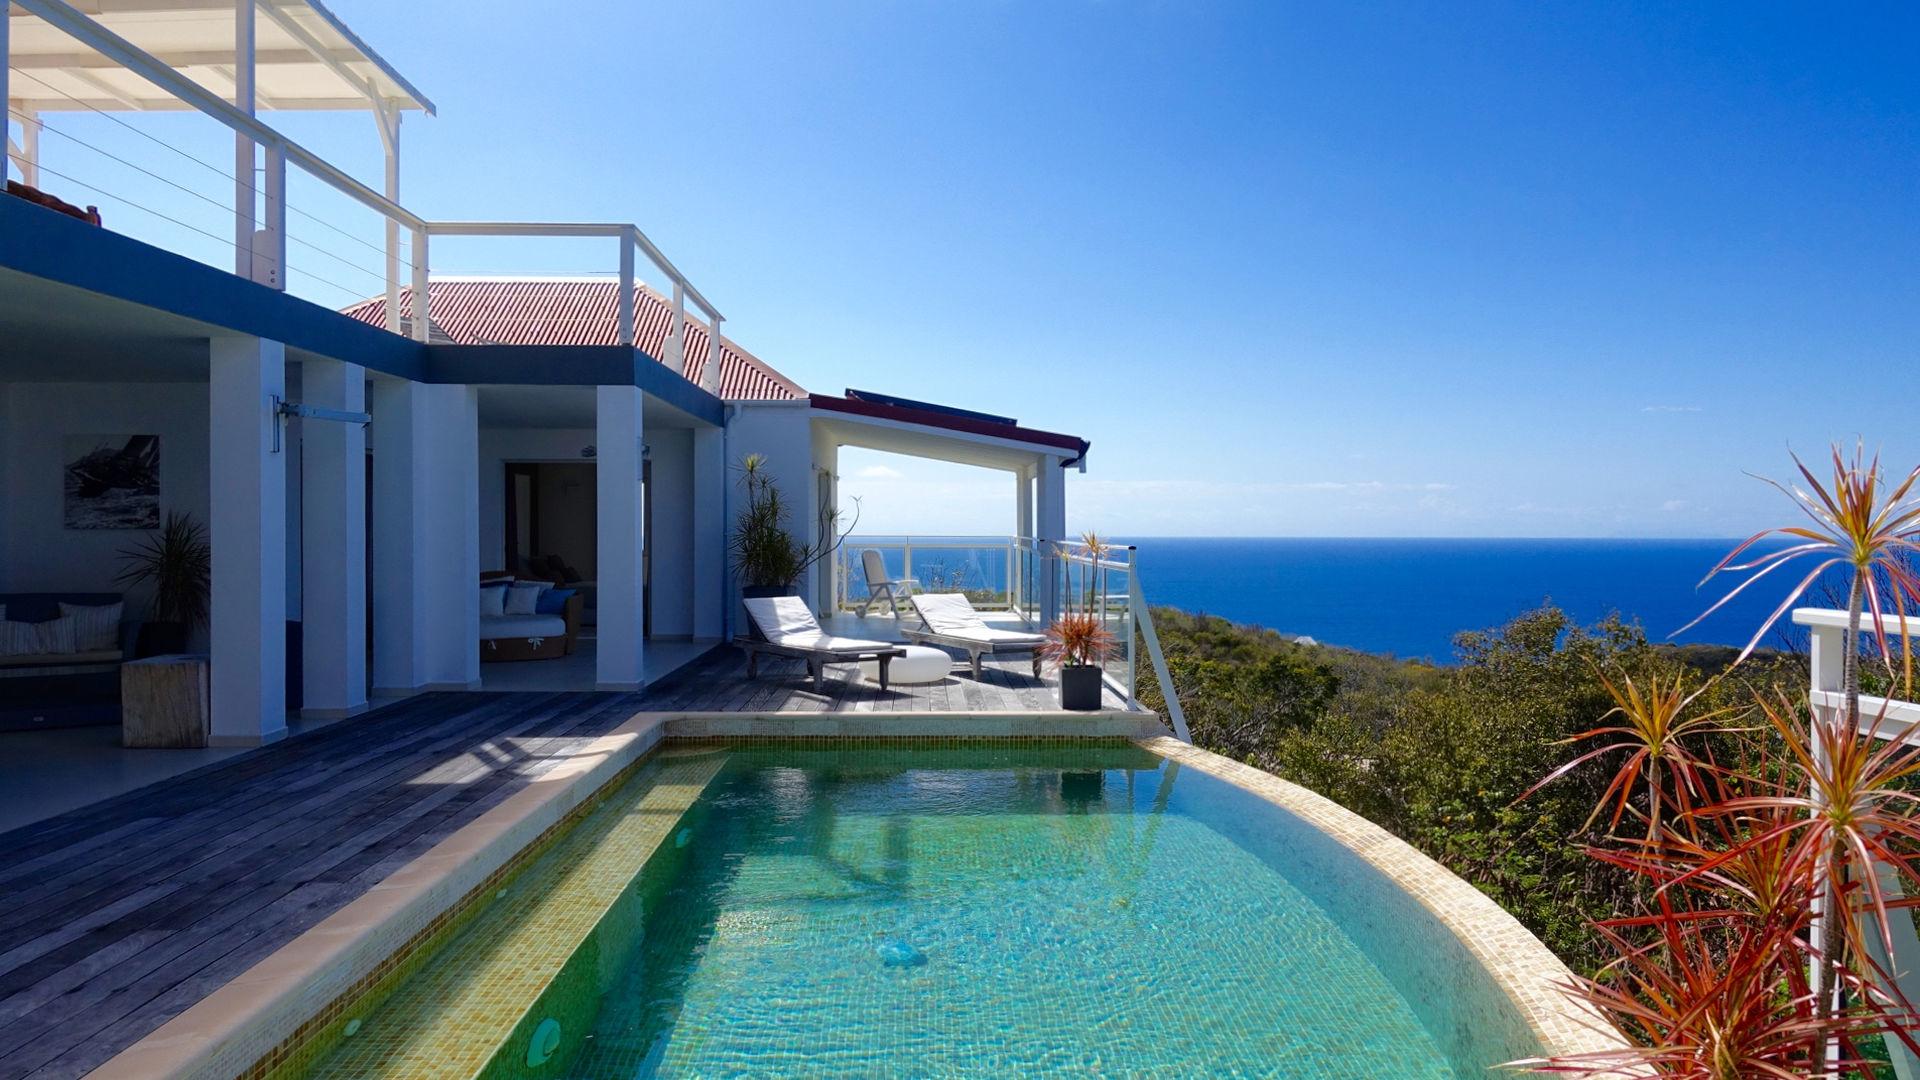 Luxury villa rentals caribbean - St barthelemy - Gouverneur - Dasha - Image 1/25